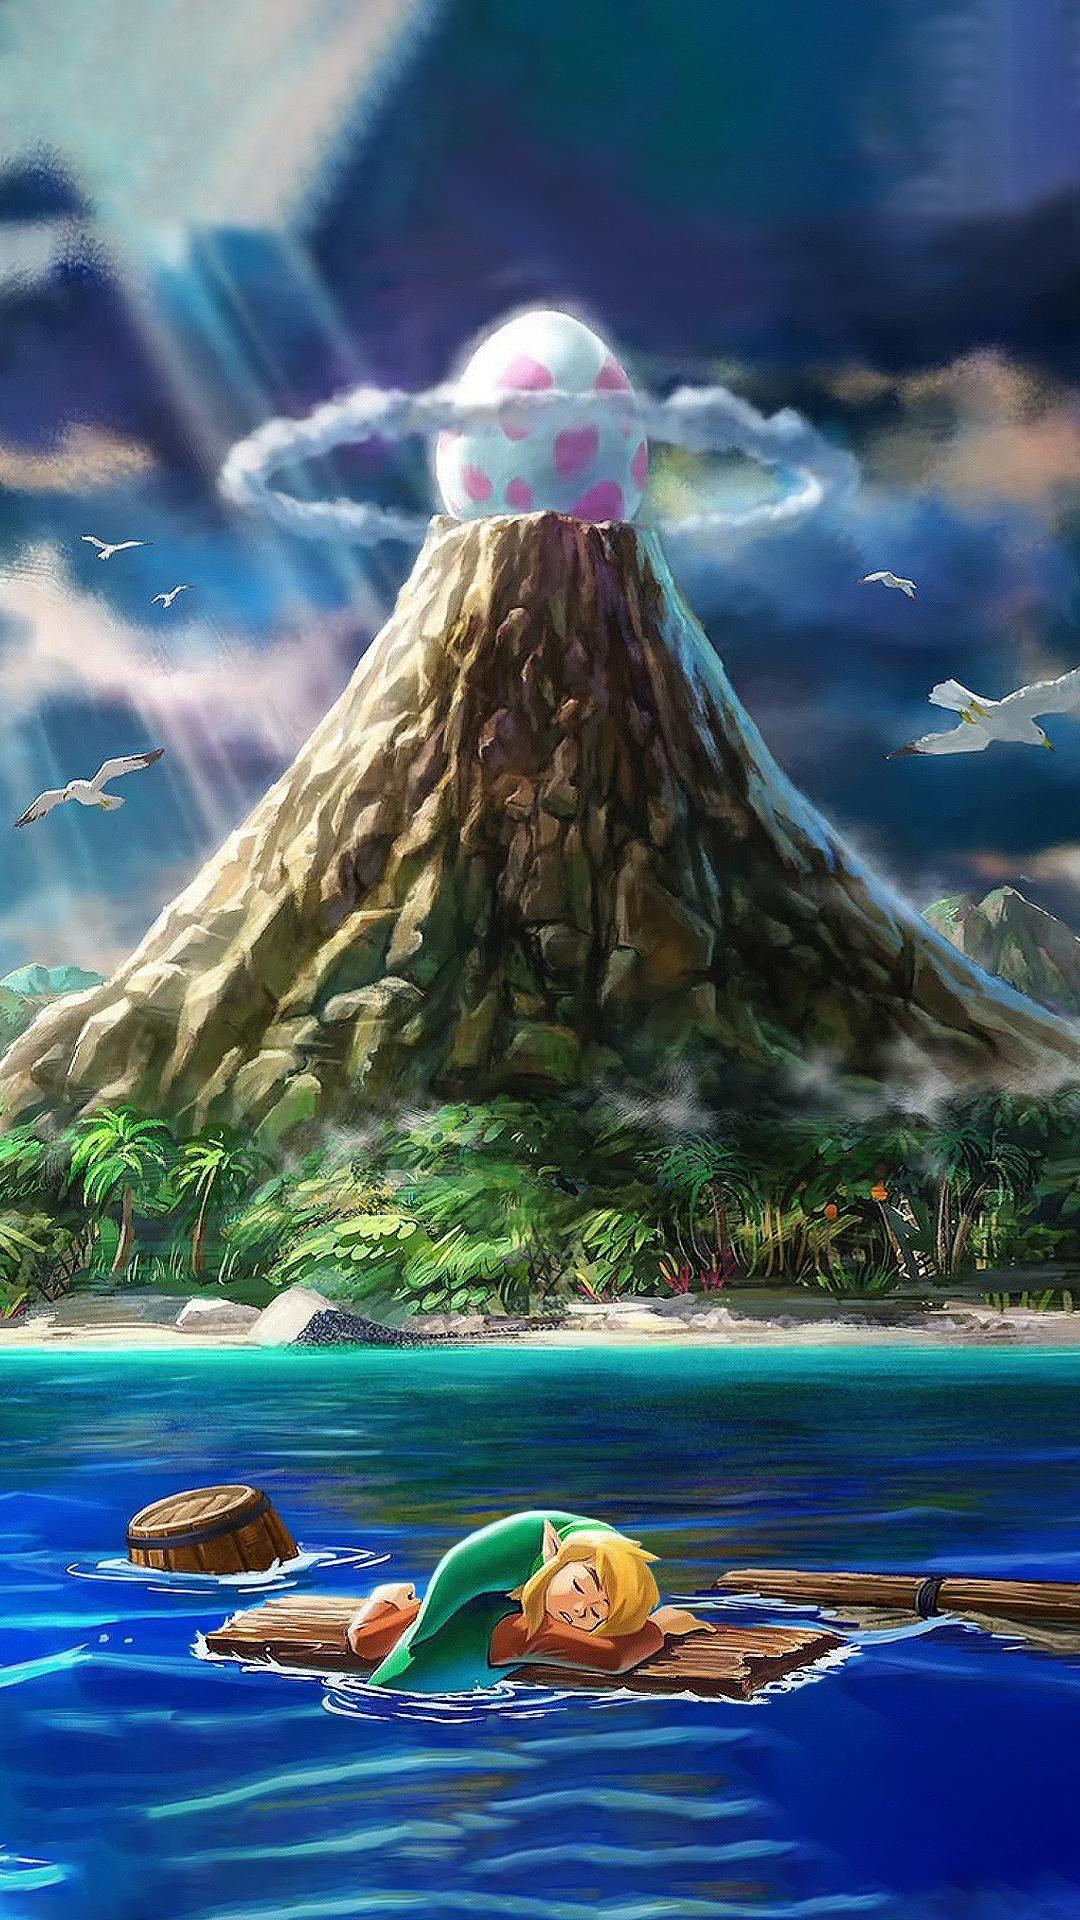 Twilight Princess Legend Of Zelda Phone Wallpaper Games Wallpapers Ideas In 2020 Legend Of Zelda Breath Legend Of Zelda Zelda Art